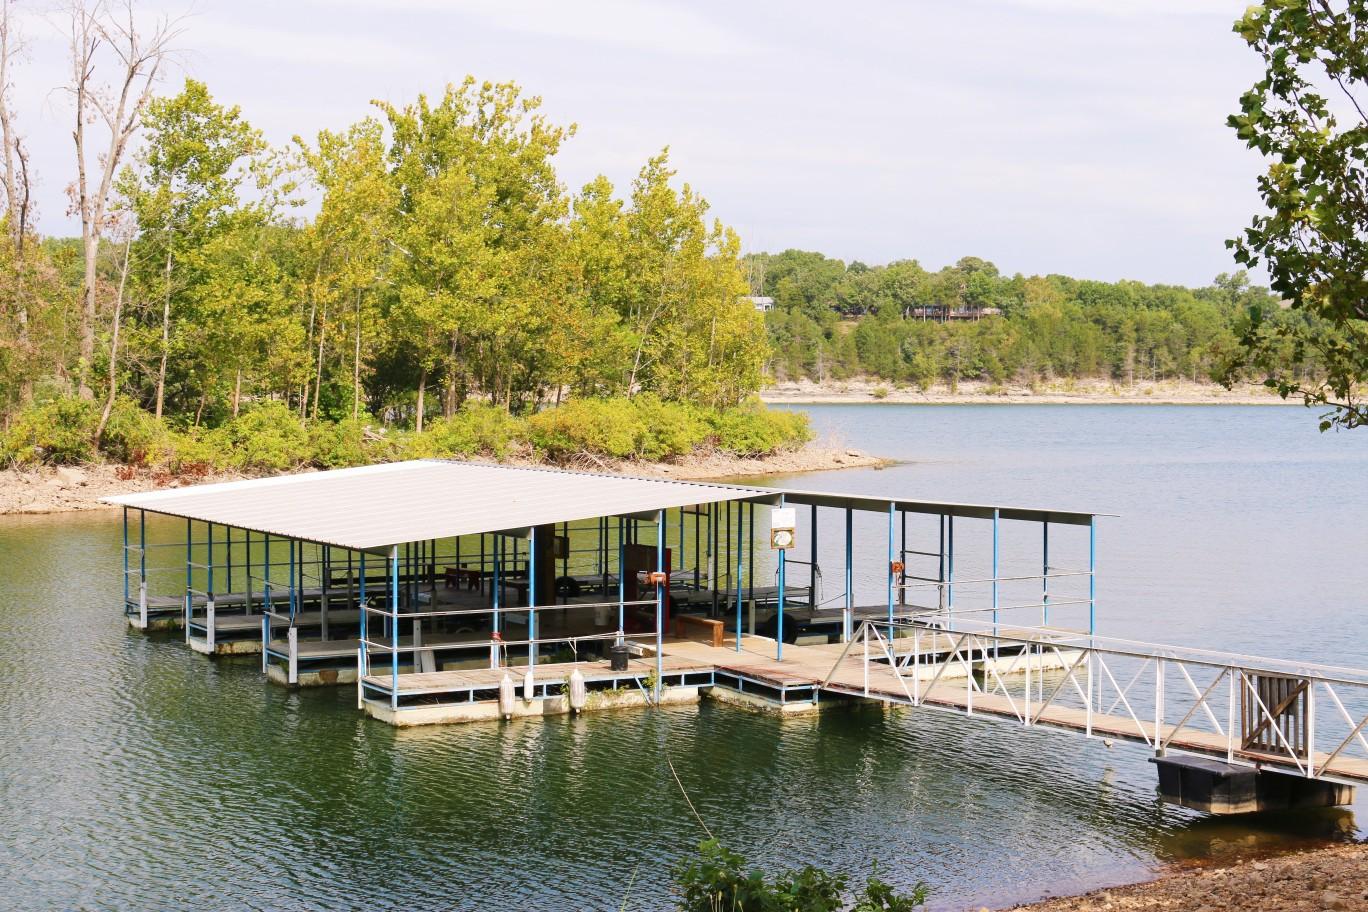 KAA1 Dock